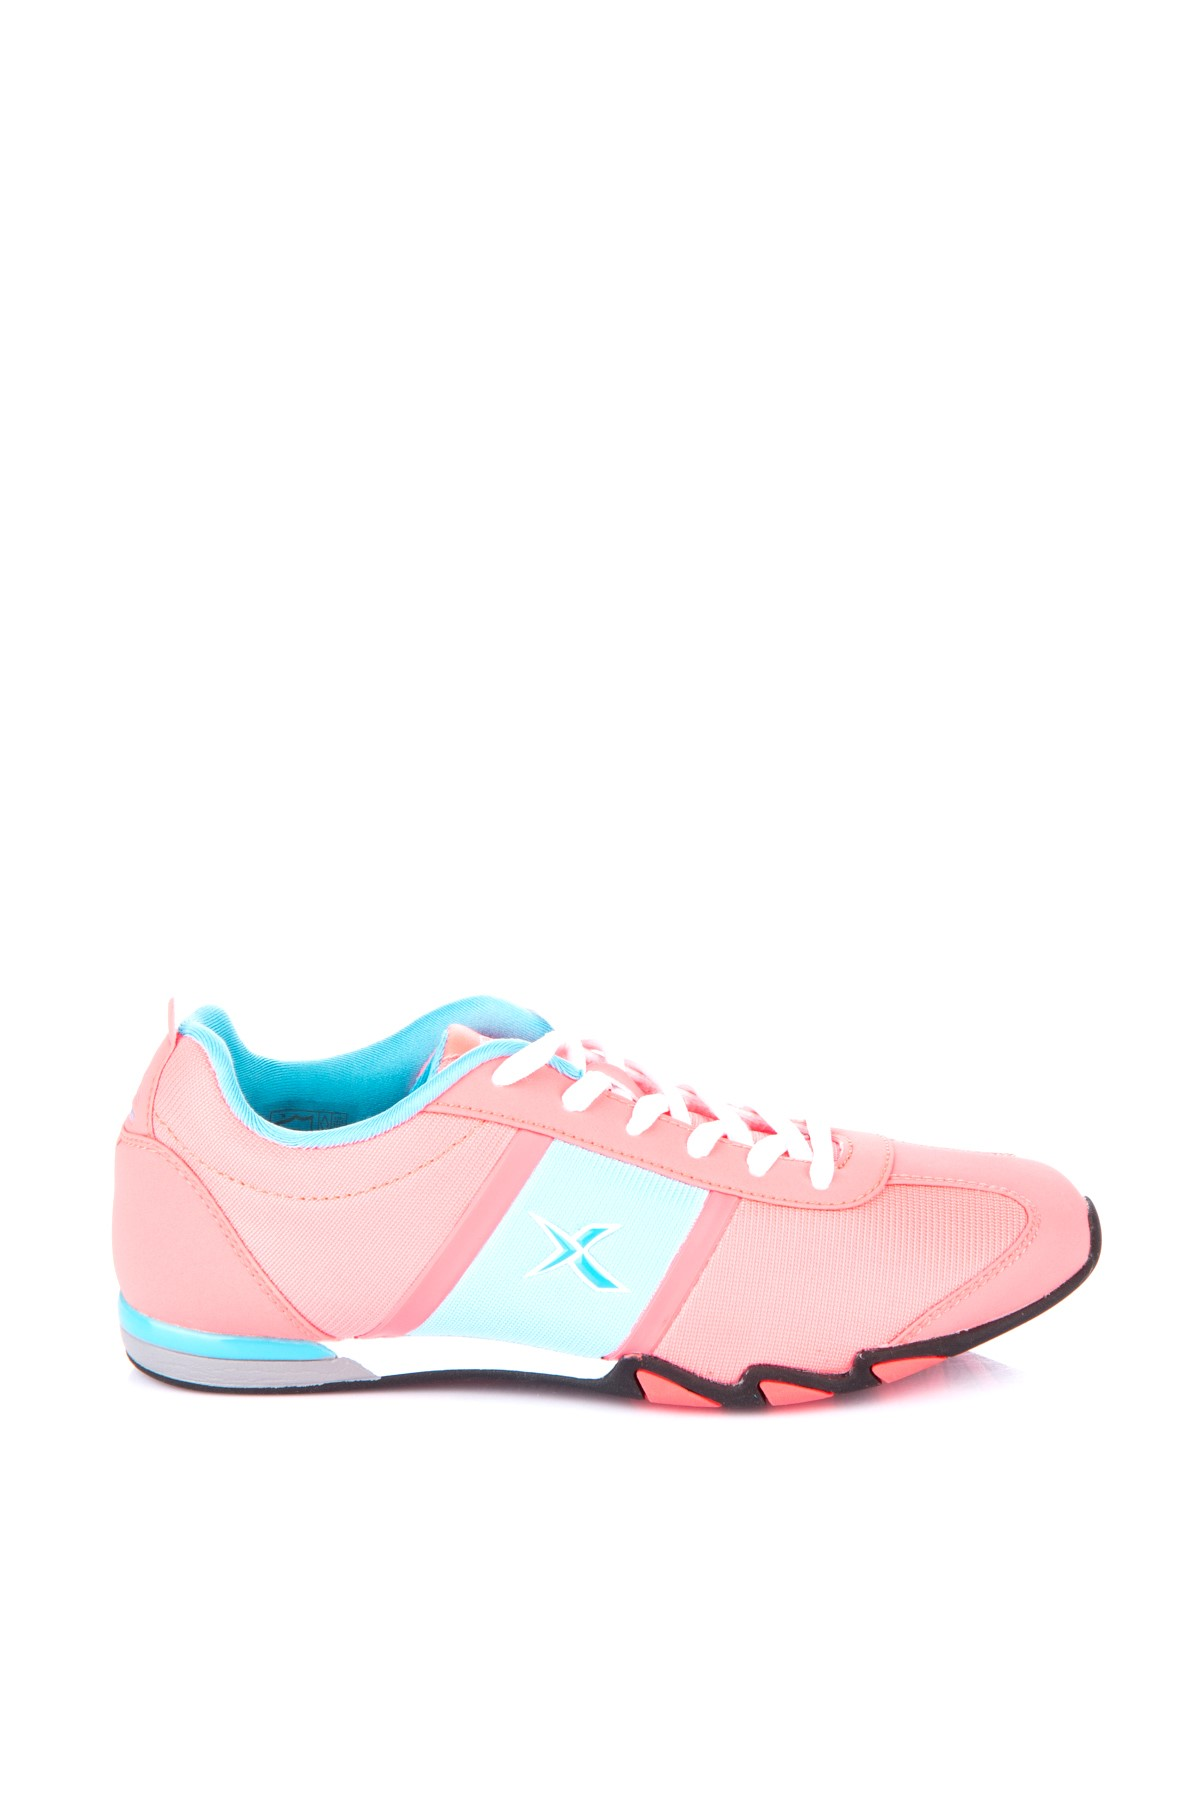 Kinetix 1235373 Fuşya Mavi Kadın Fitness Ayakkabısı 100180971 1